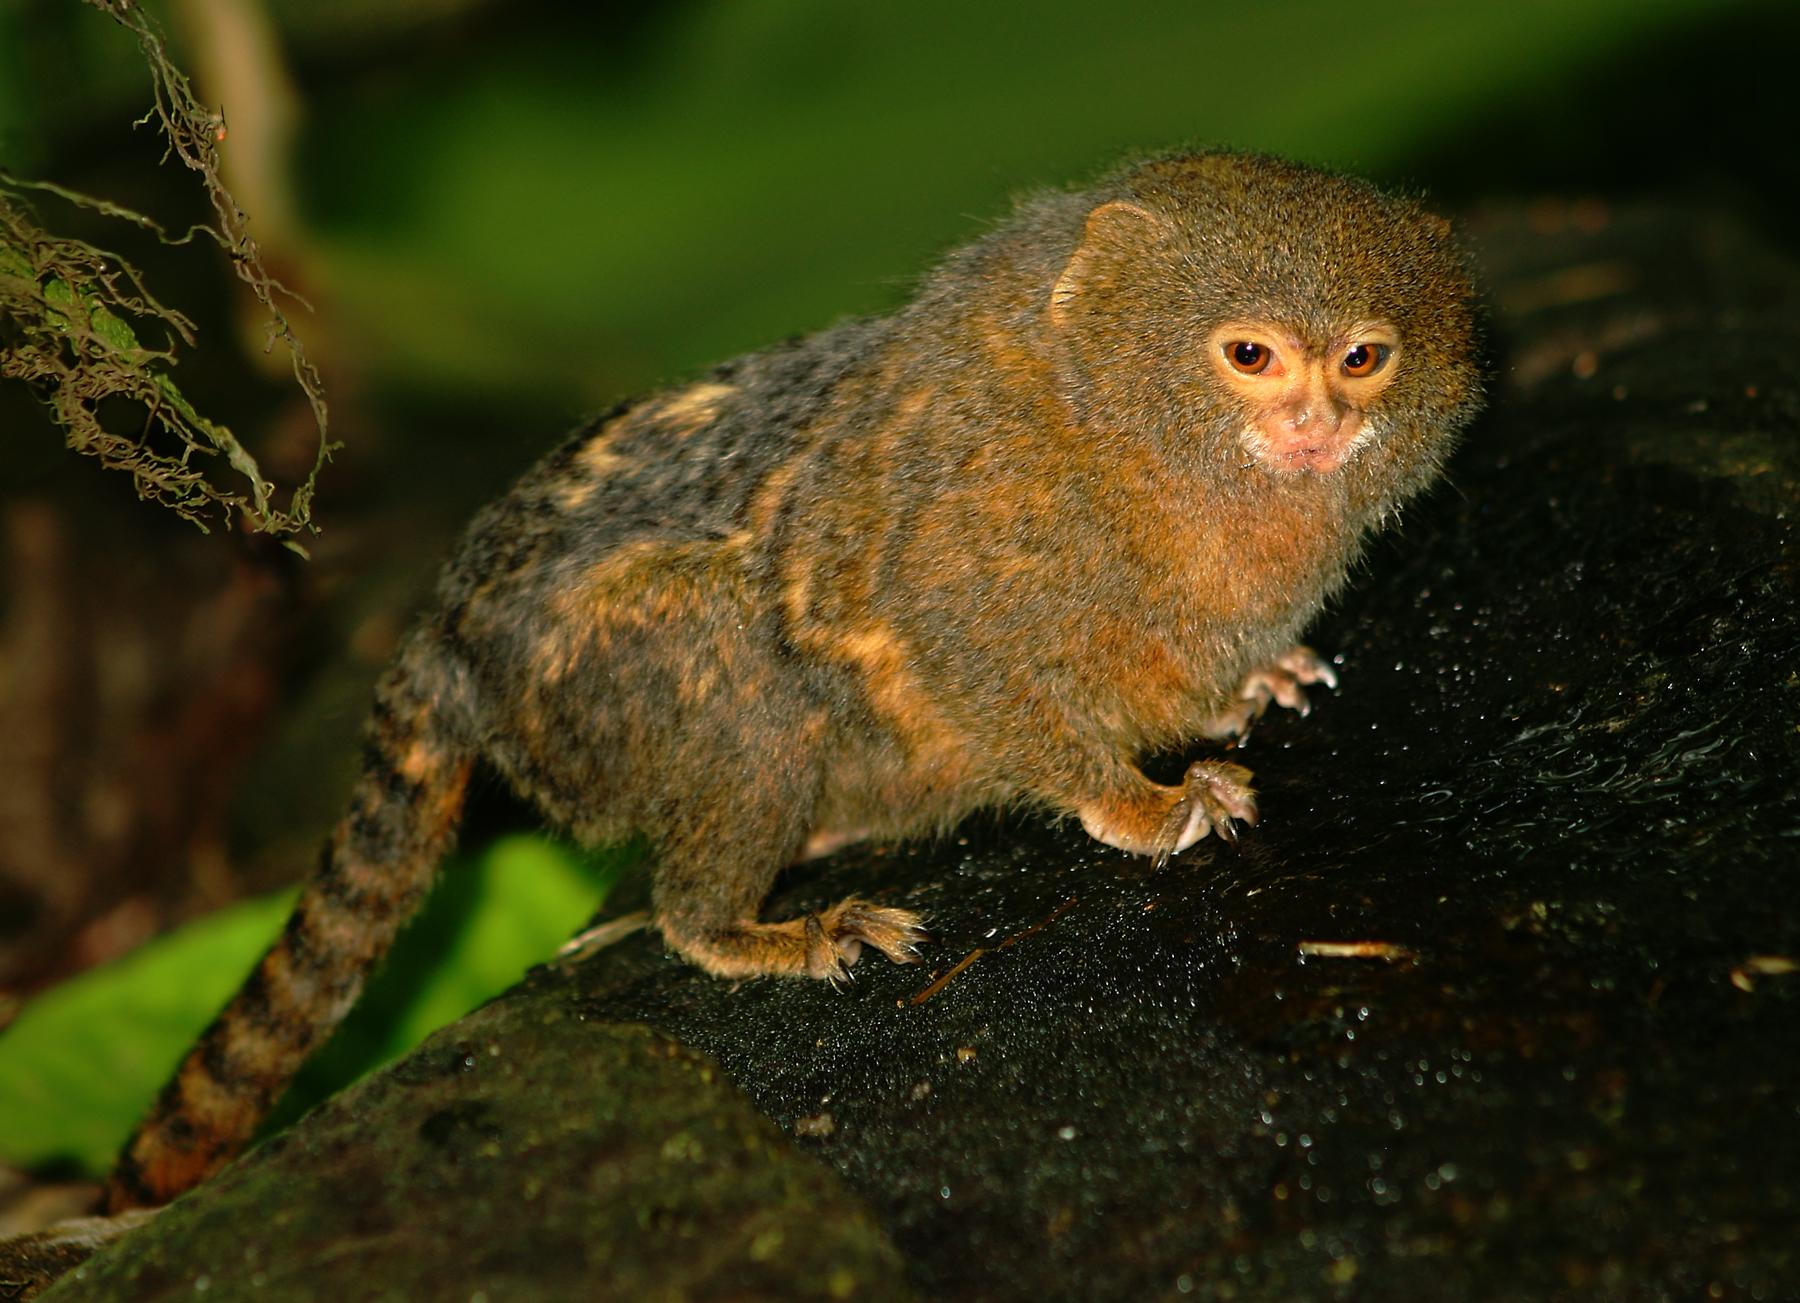 Pygmy marmoset - Wikipedia